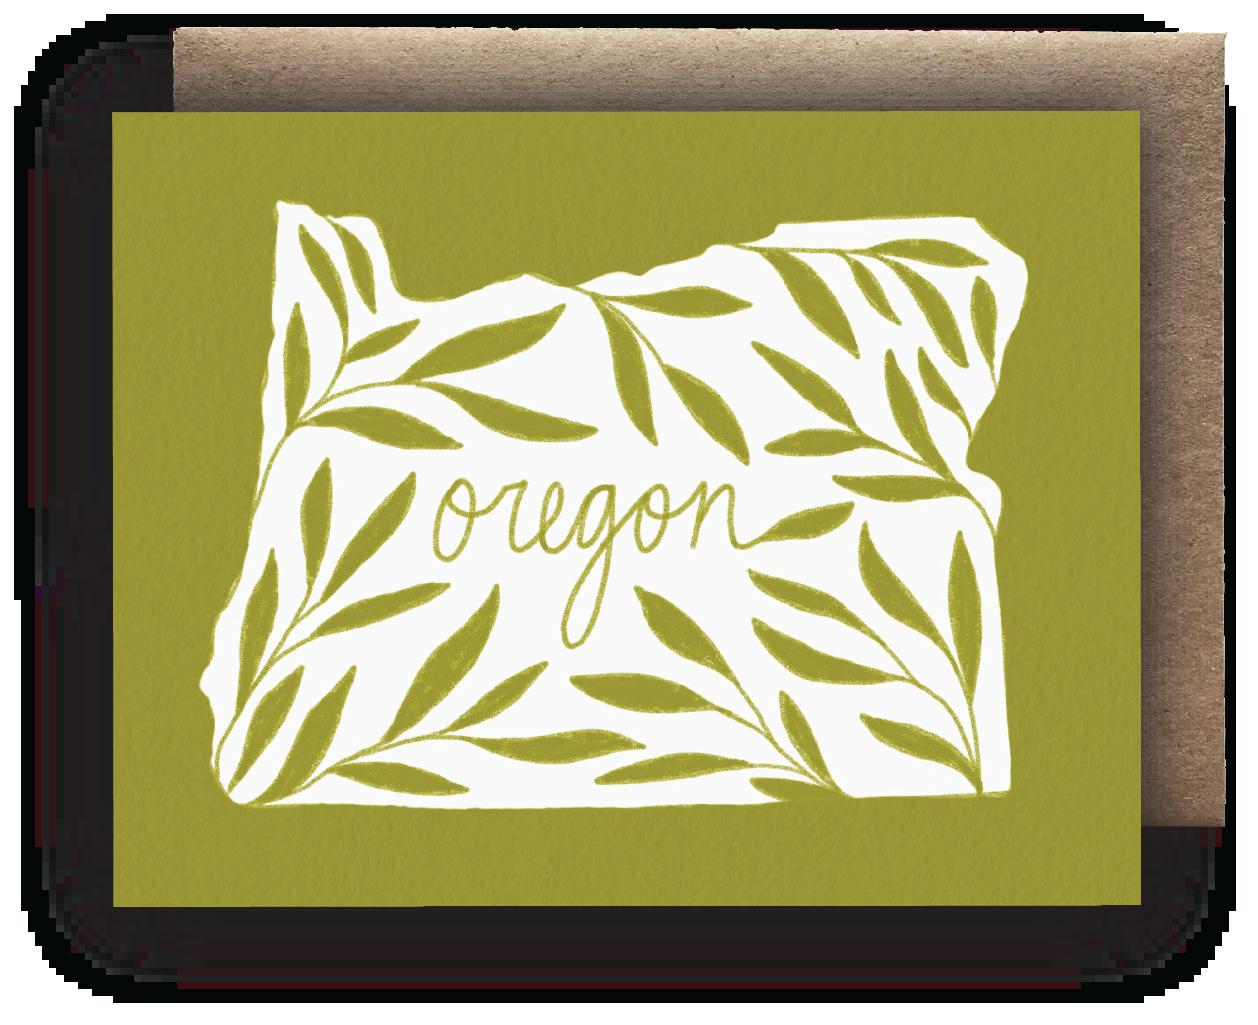 Maija Rebecca Hand Drawn Card - Oregon State